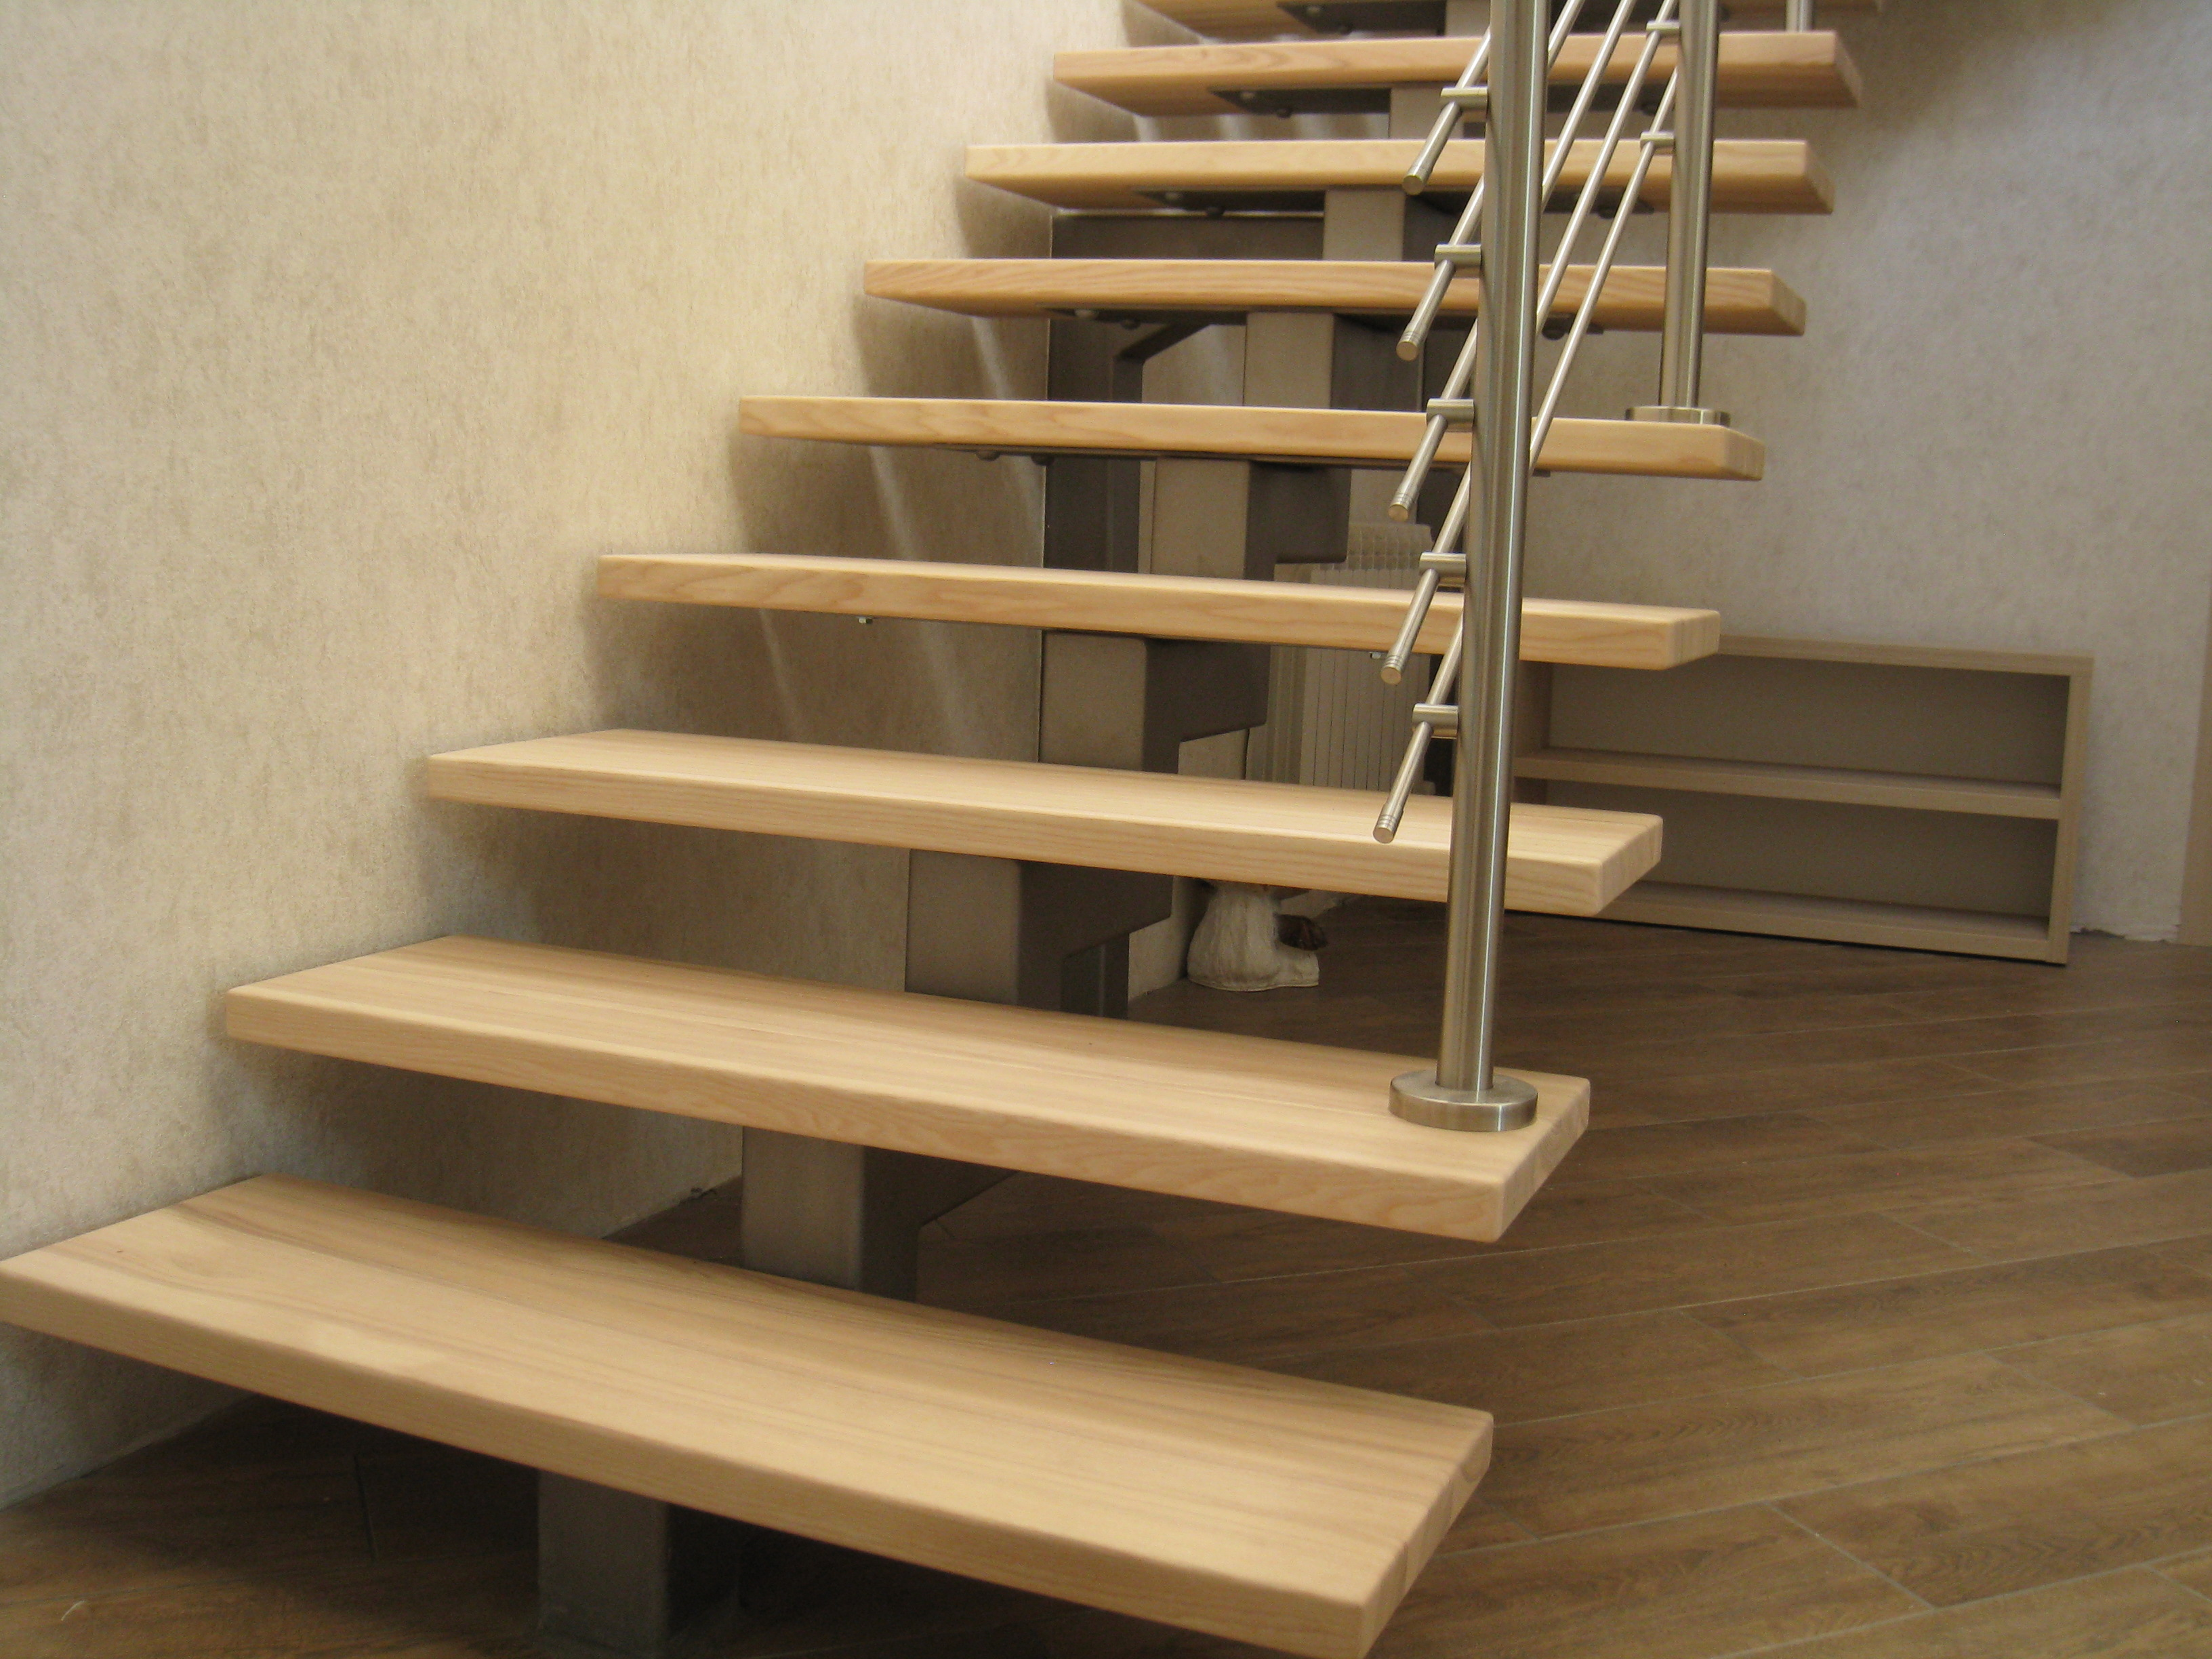 Лестница на центральном Г-образном металлокосоуре со ступенями из массива ясеня